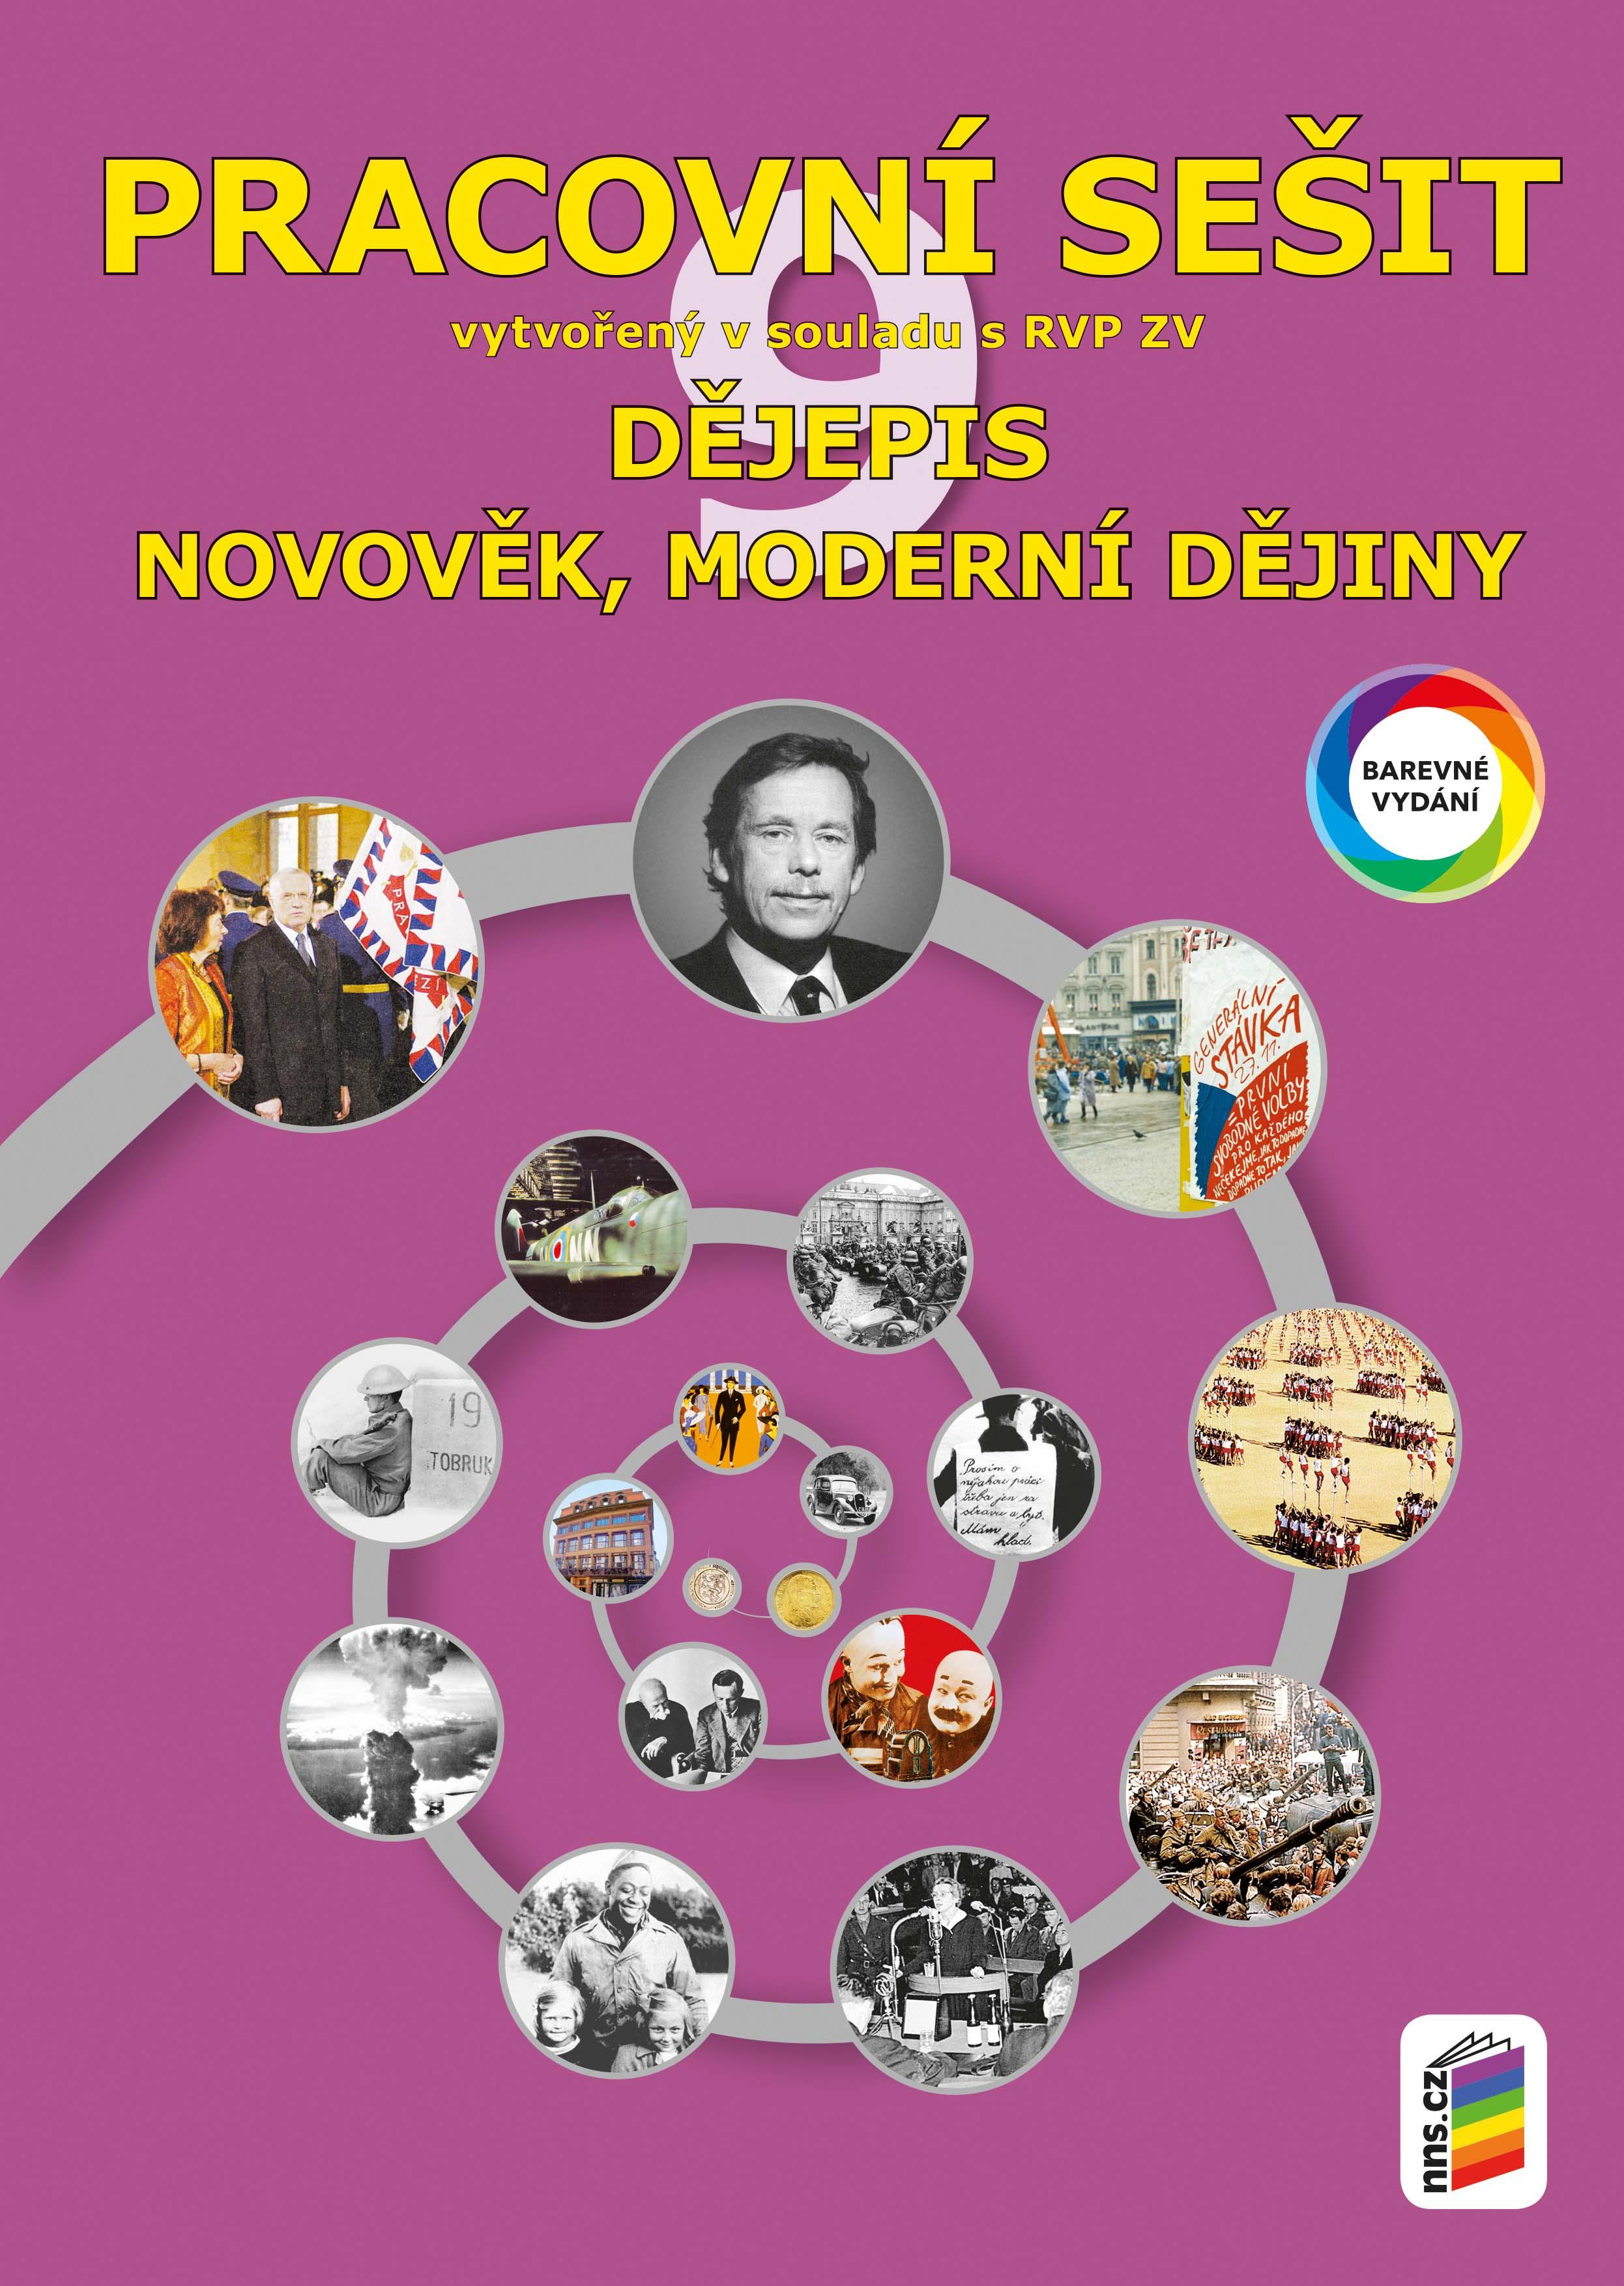 Dějepis 9 - Novověk, moderní dějiny (barevný pracovní sešit)